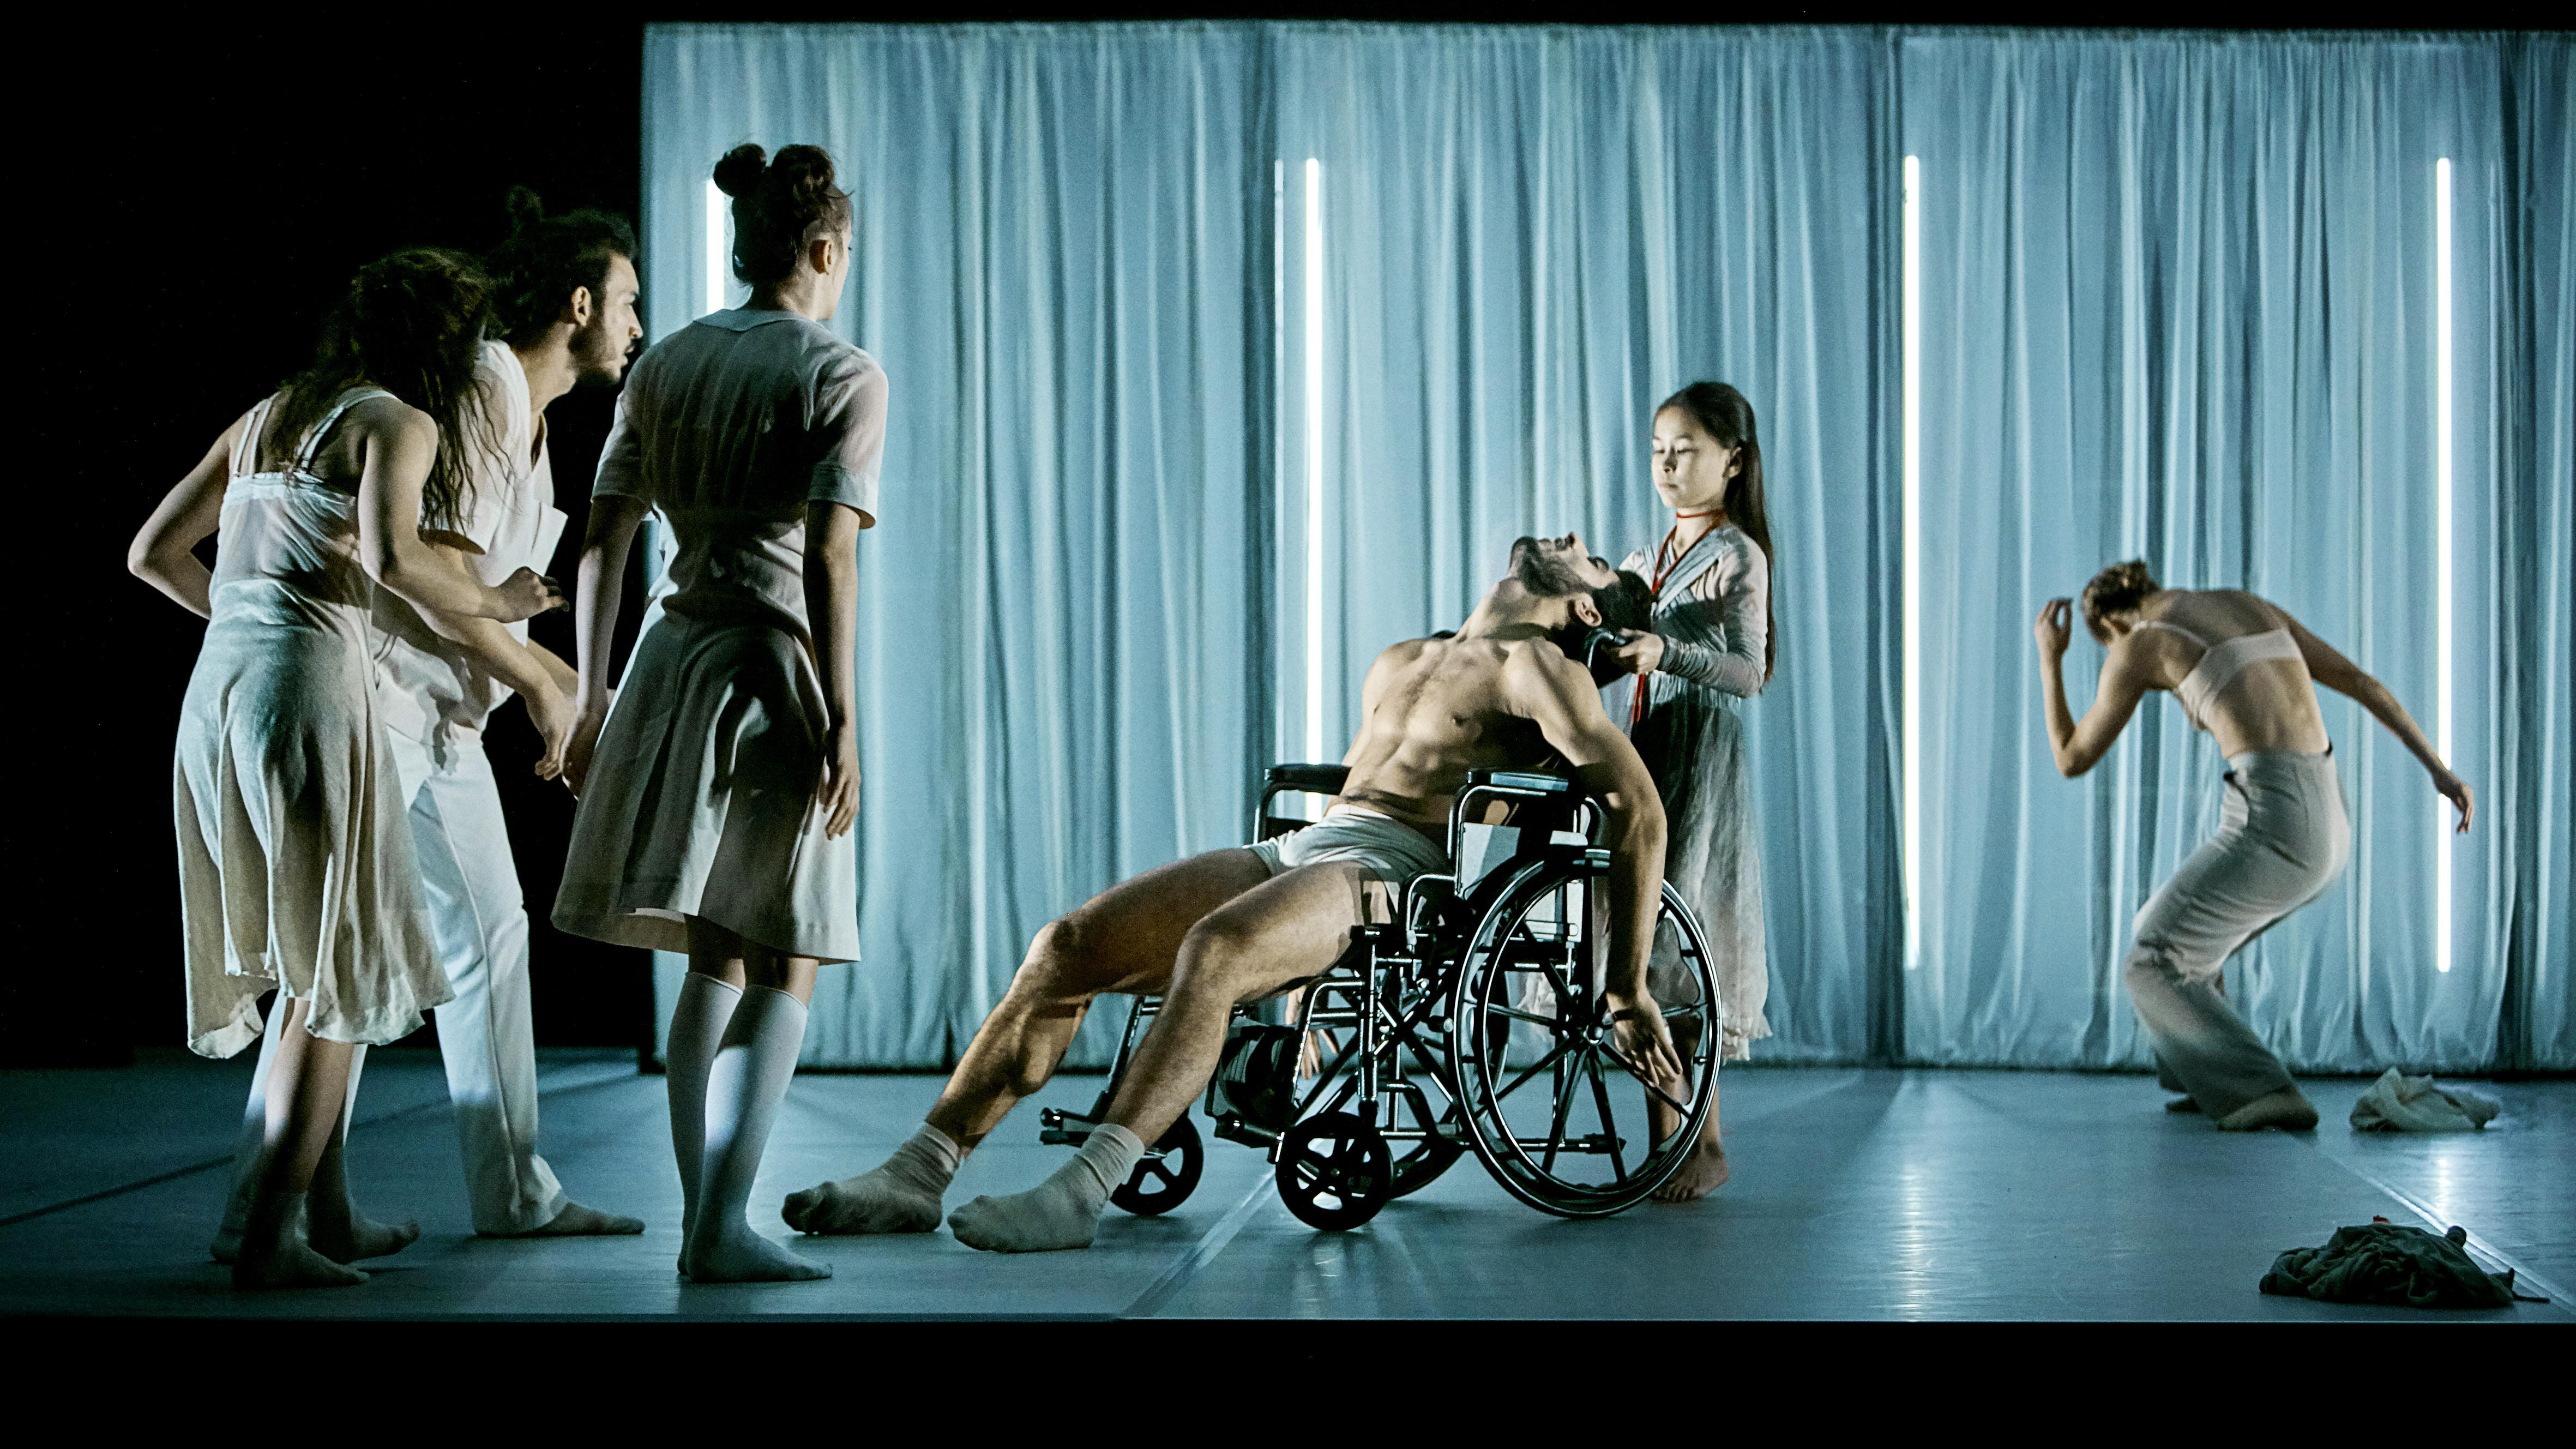 elsker_dig_for_evigt_12_musikhuset_aarhus_pressebillede.jpg